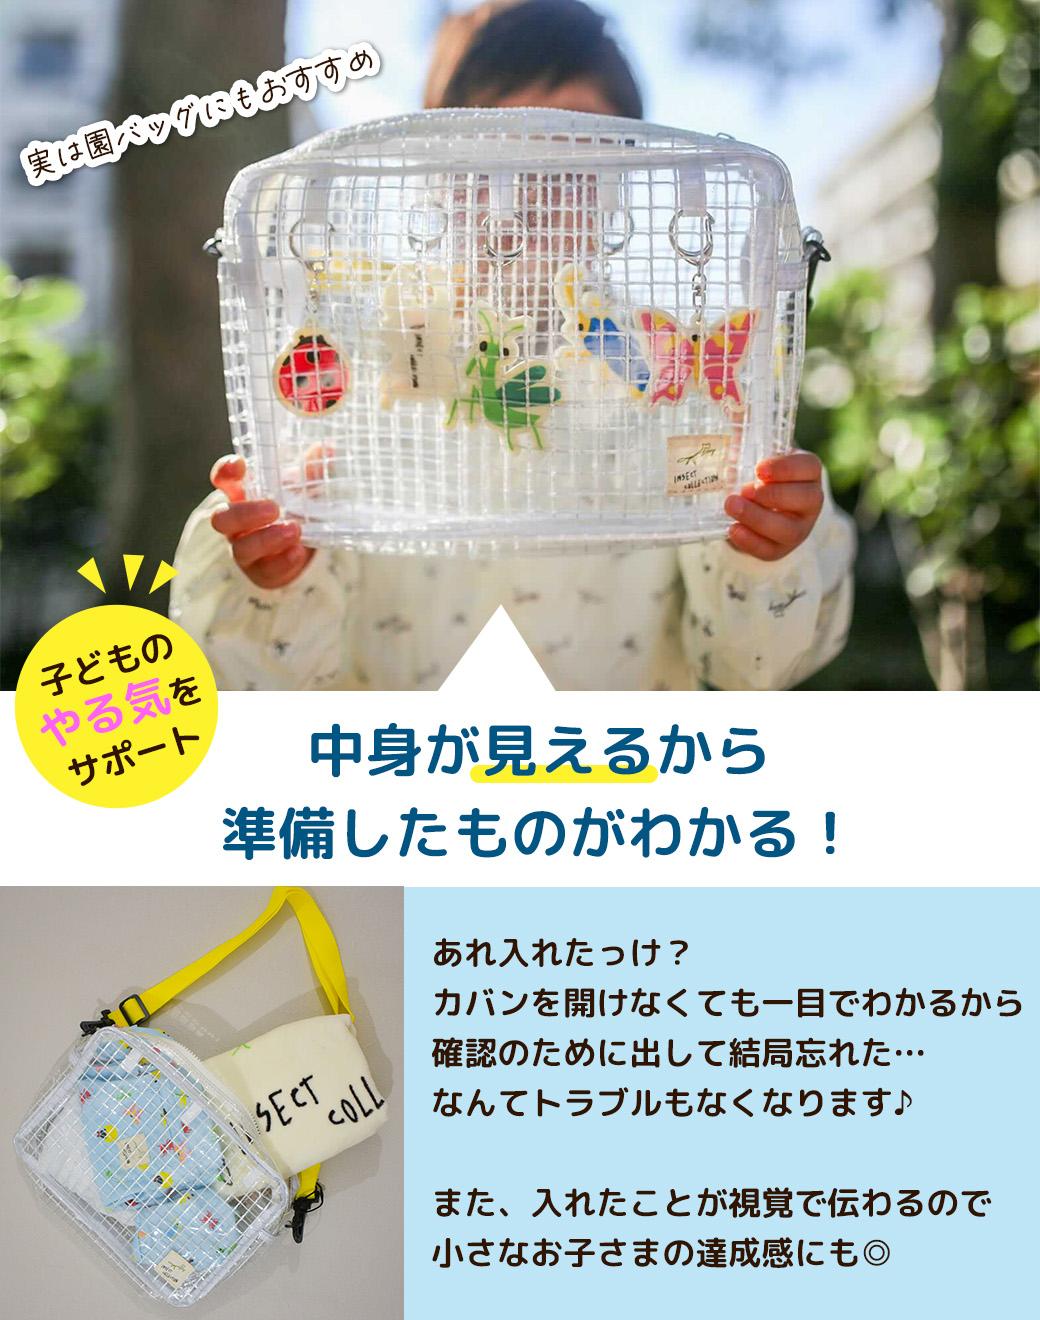 【予約商品】選べる昆虫キーホルダー!虫かごバッグ【3月上旬発送予定】